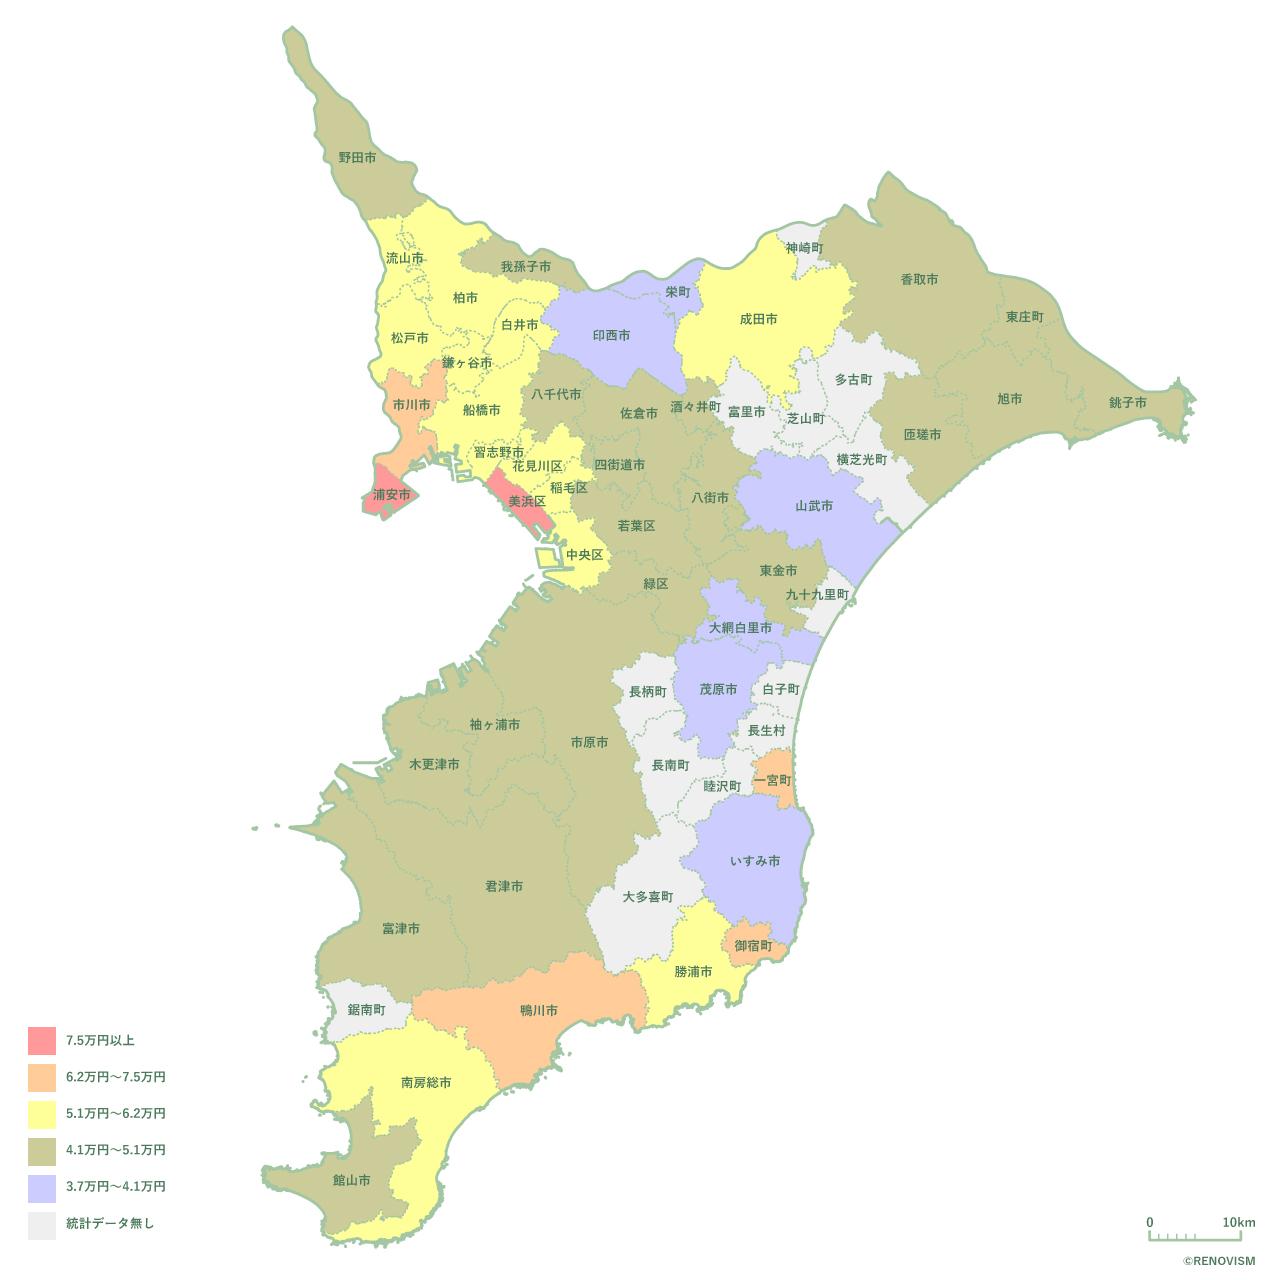 千葉県の1LDK家賃相場マップ2020年